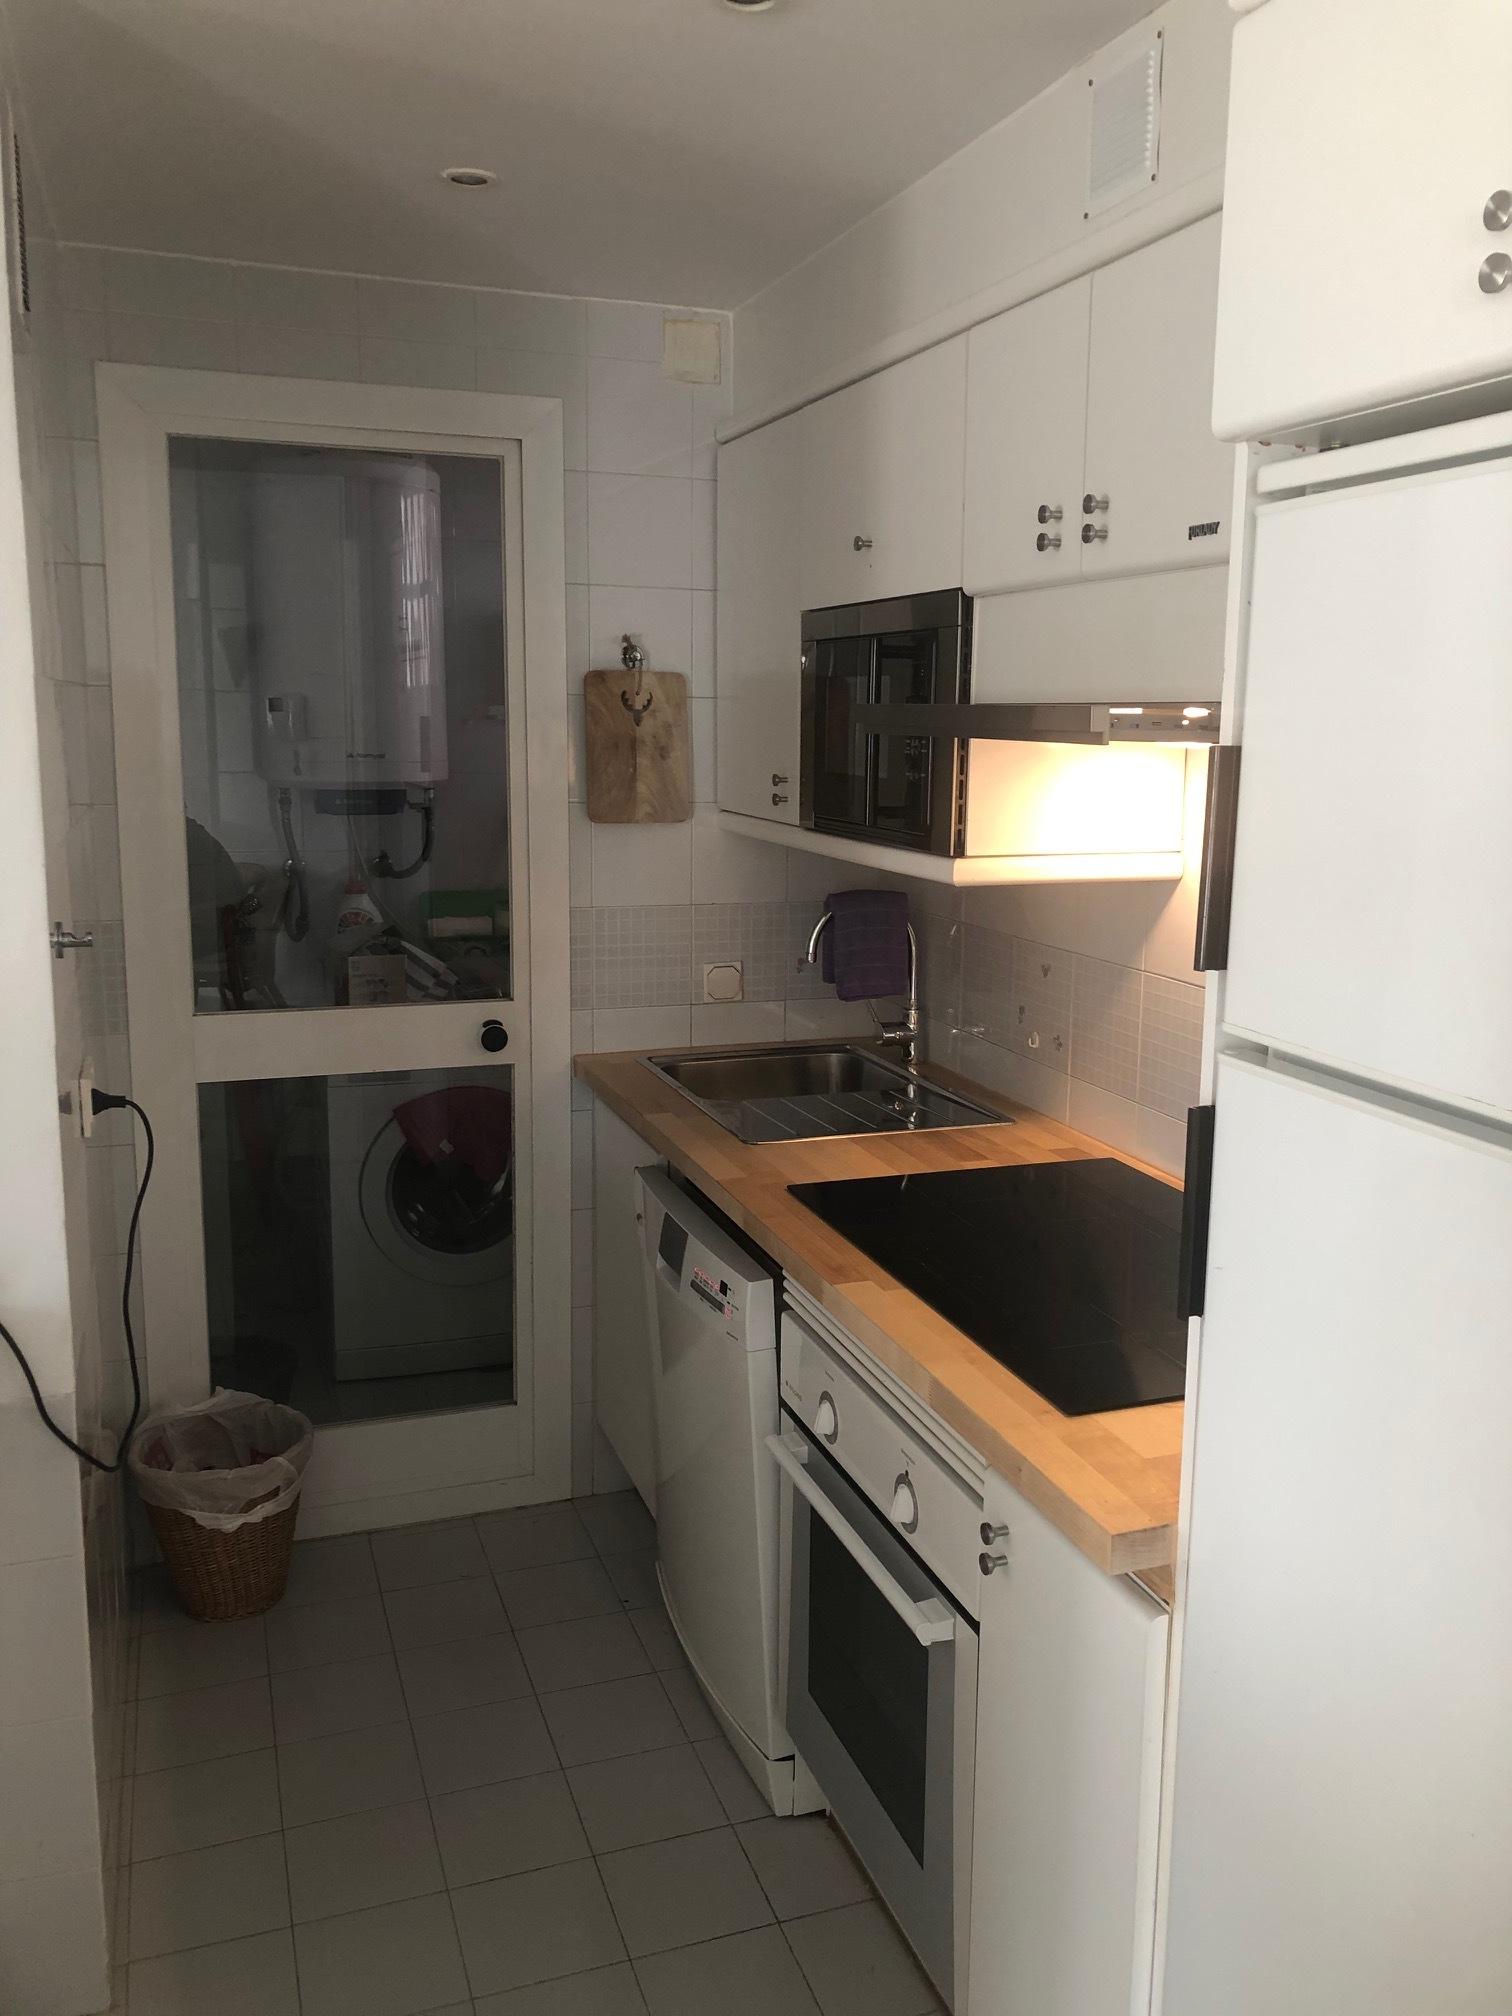 414- Kjøkken-vaskerom.jpg